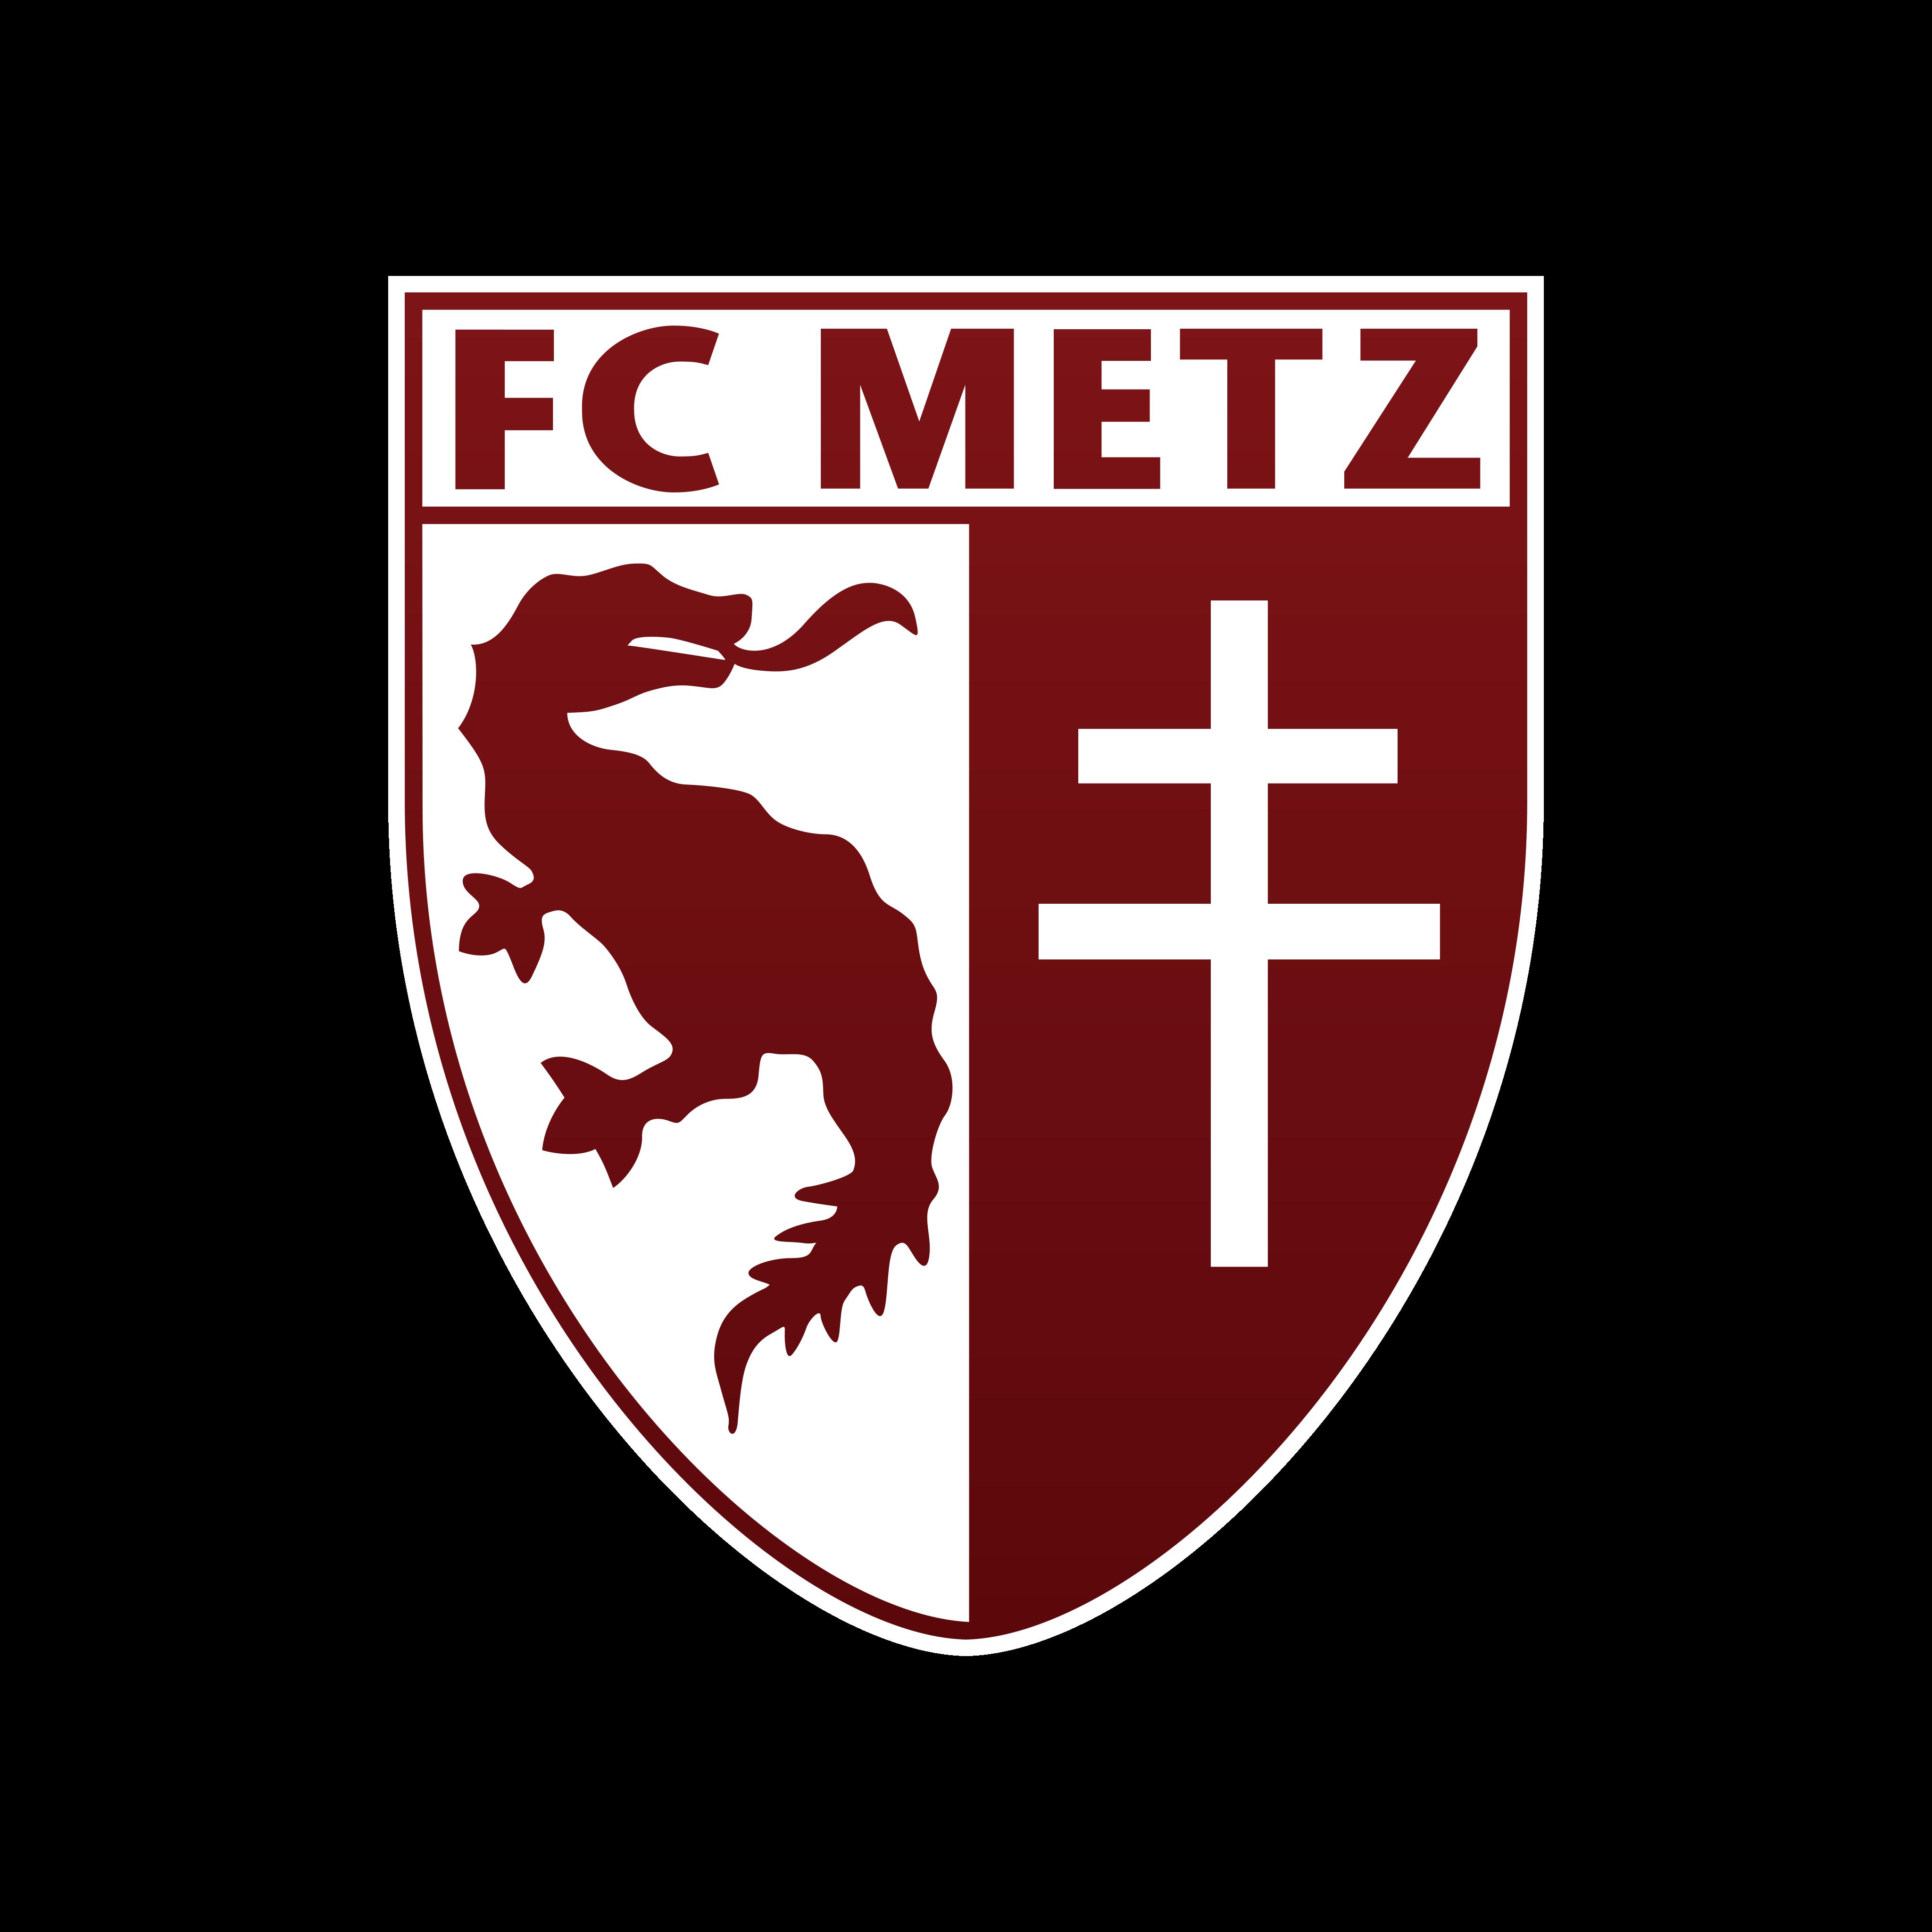 fc-metz-logo-0